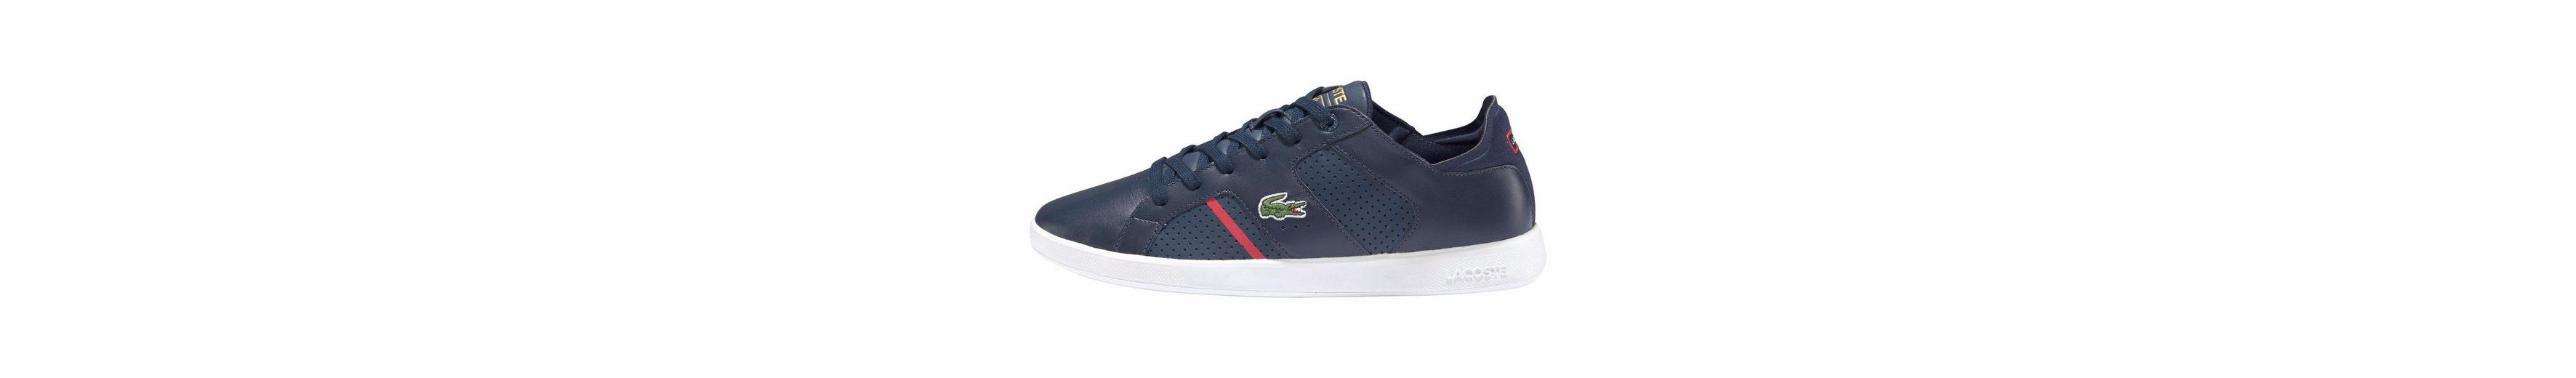 Zum Verkauf Finish Lacoste NOVAS CT 118 1 Sneaker Perfekt Verkauf Von Top-Qualität 100% Original Xy6EHE01N